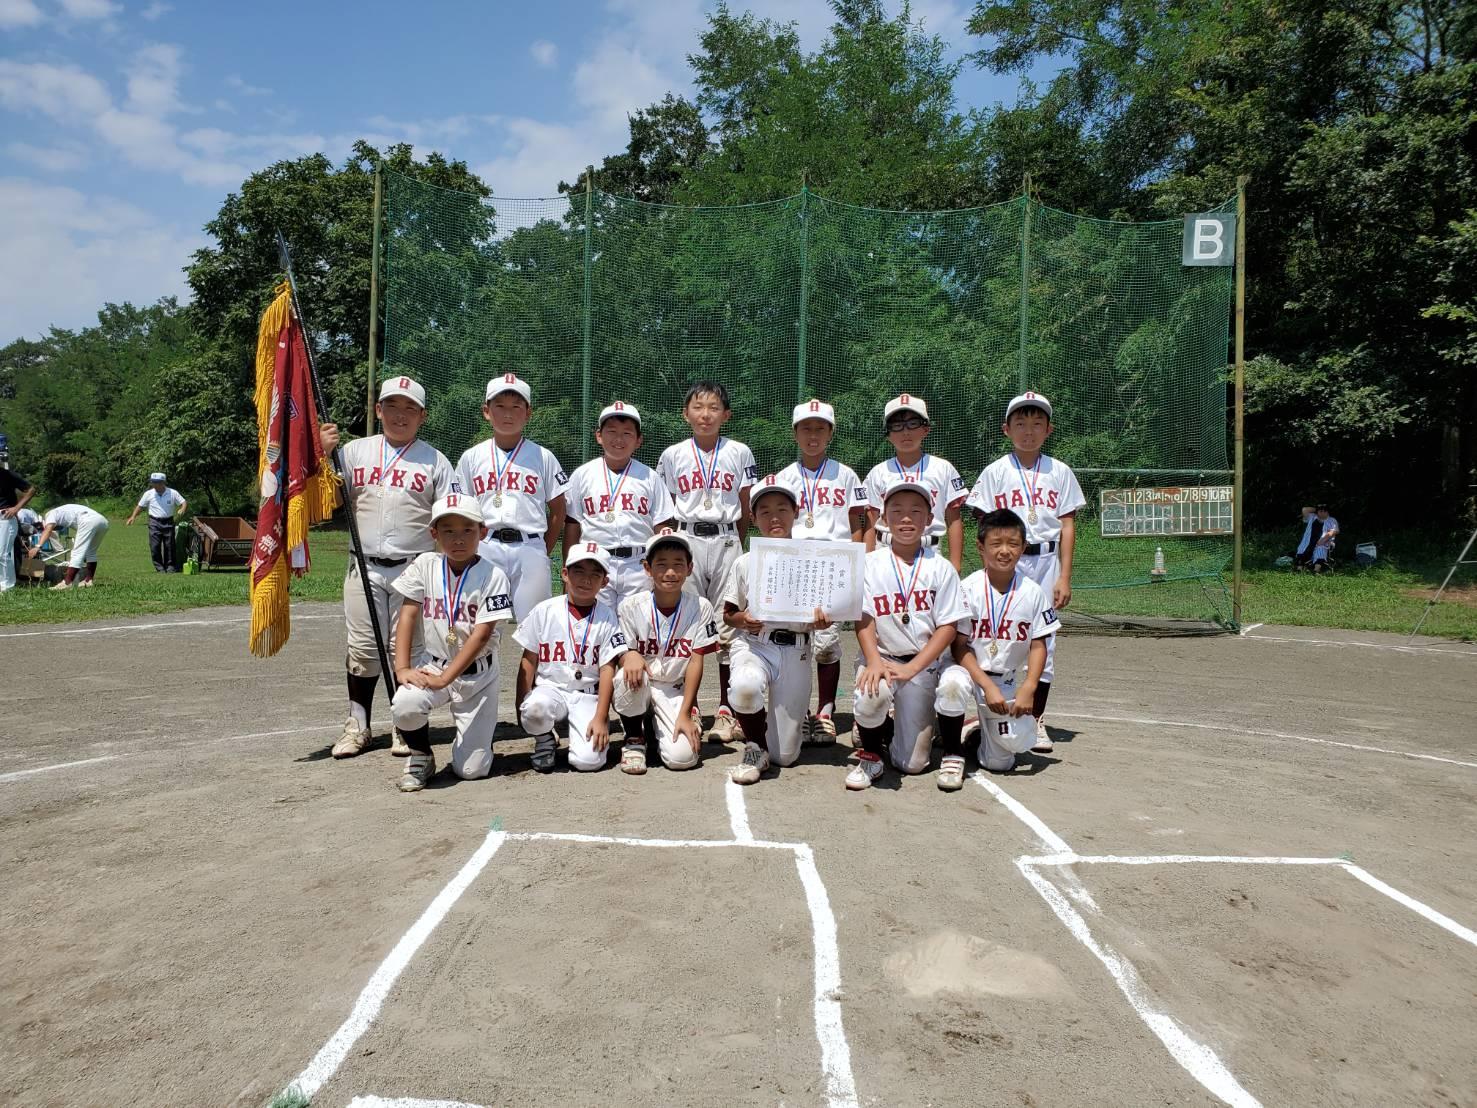 第34回 八王子少年軟式野球 新人戦大会 優勝 南大沢オークス 令和元年8月25日